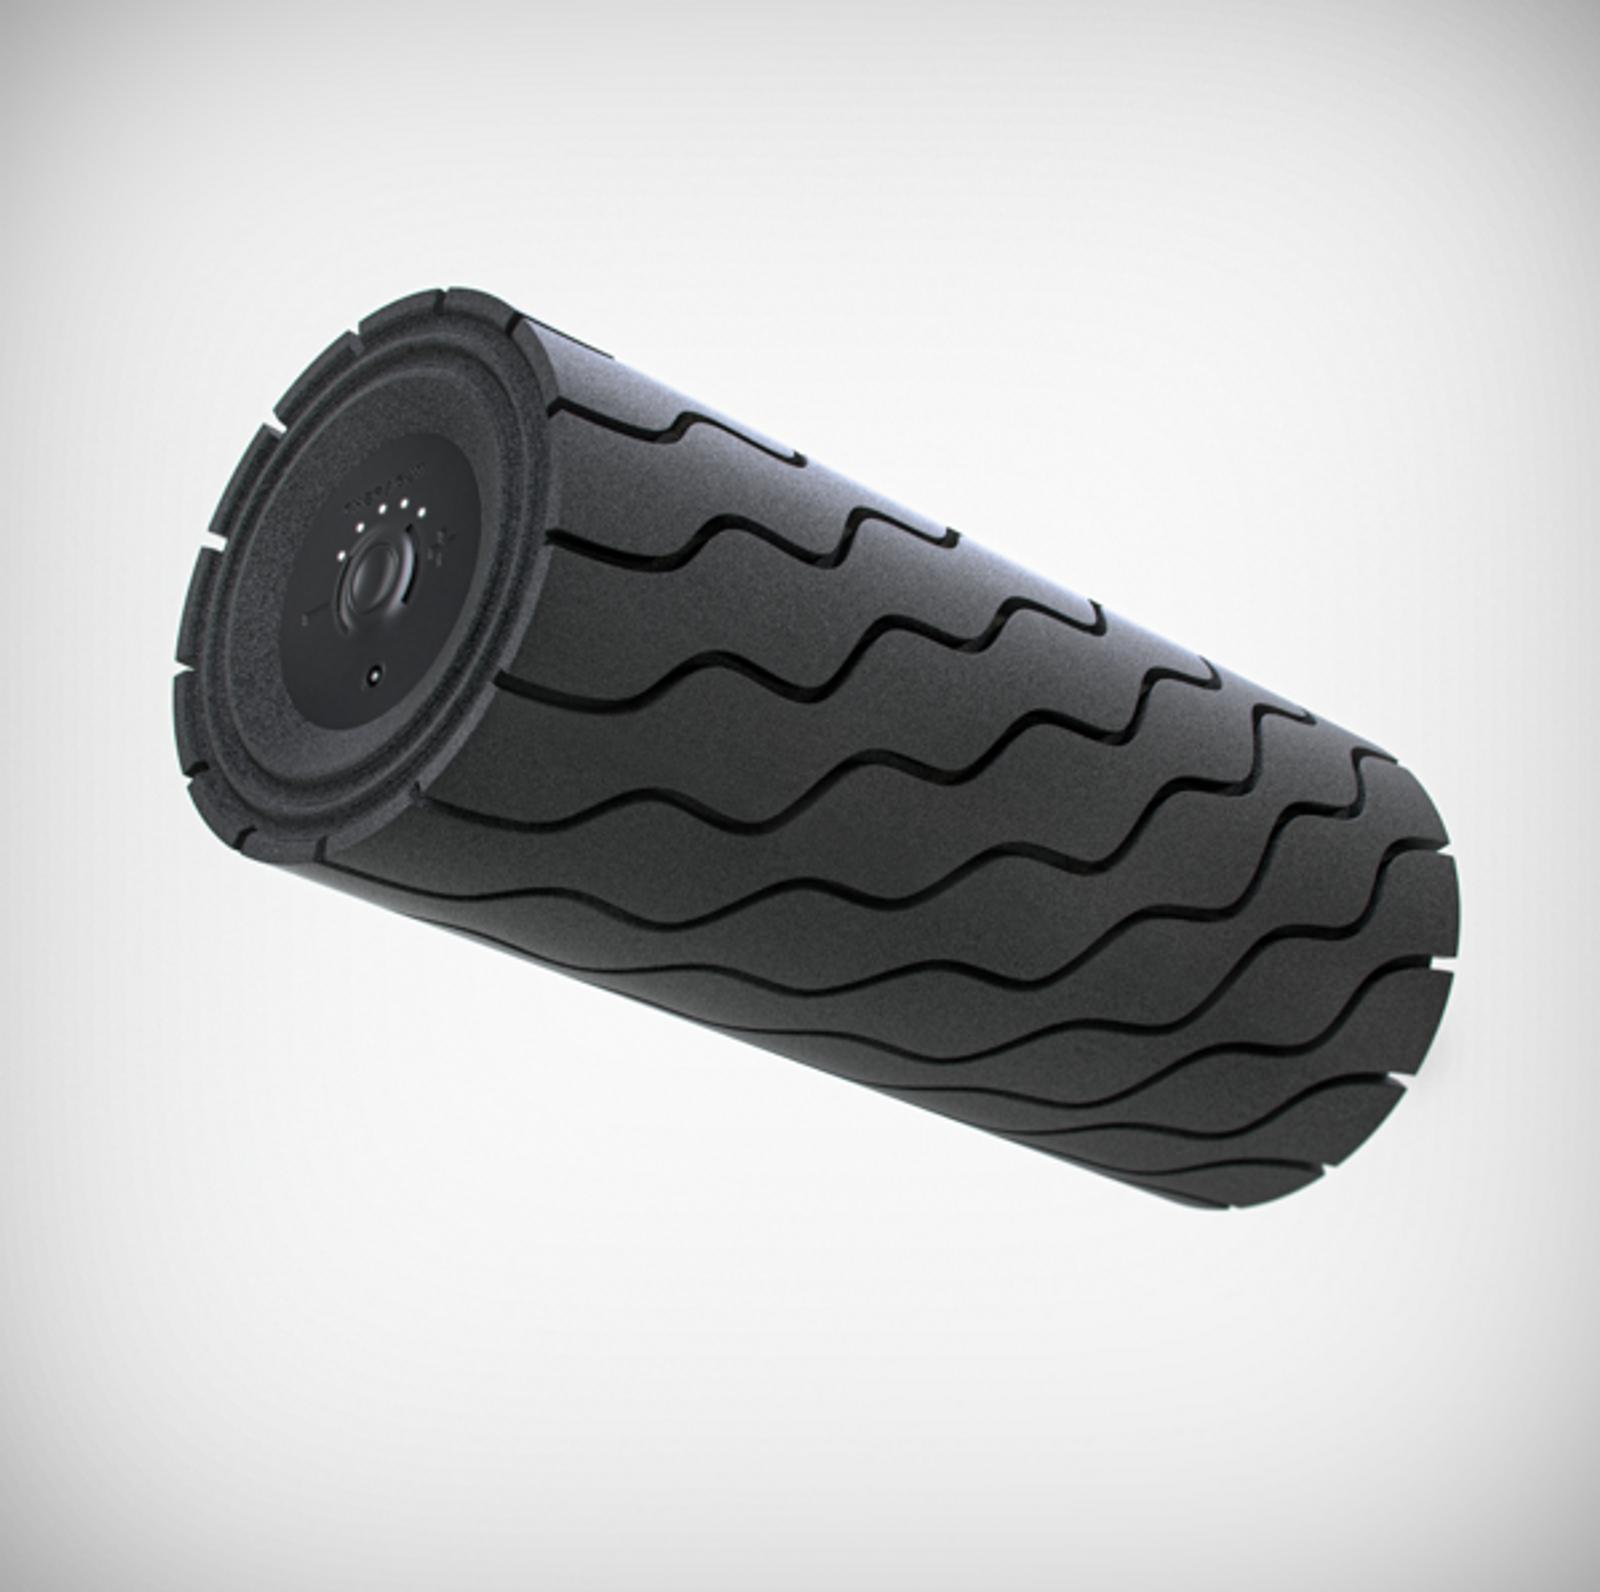 Theragun 12-inch Wave Roller